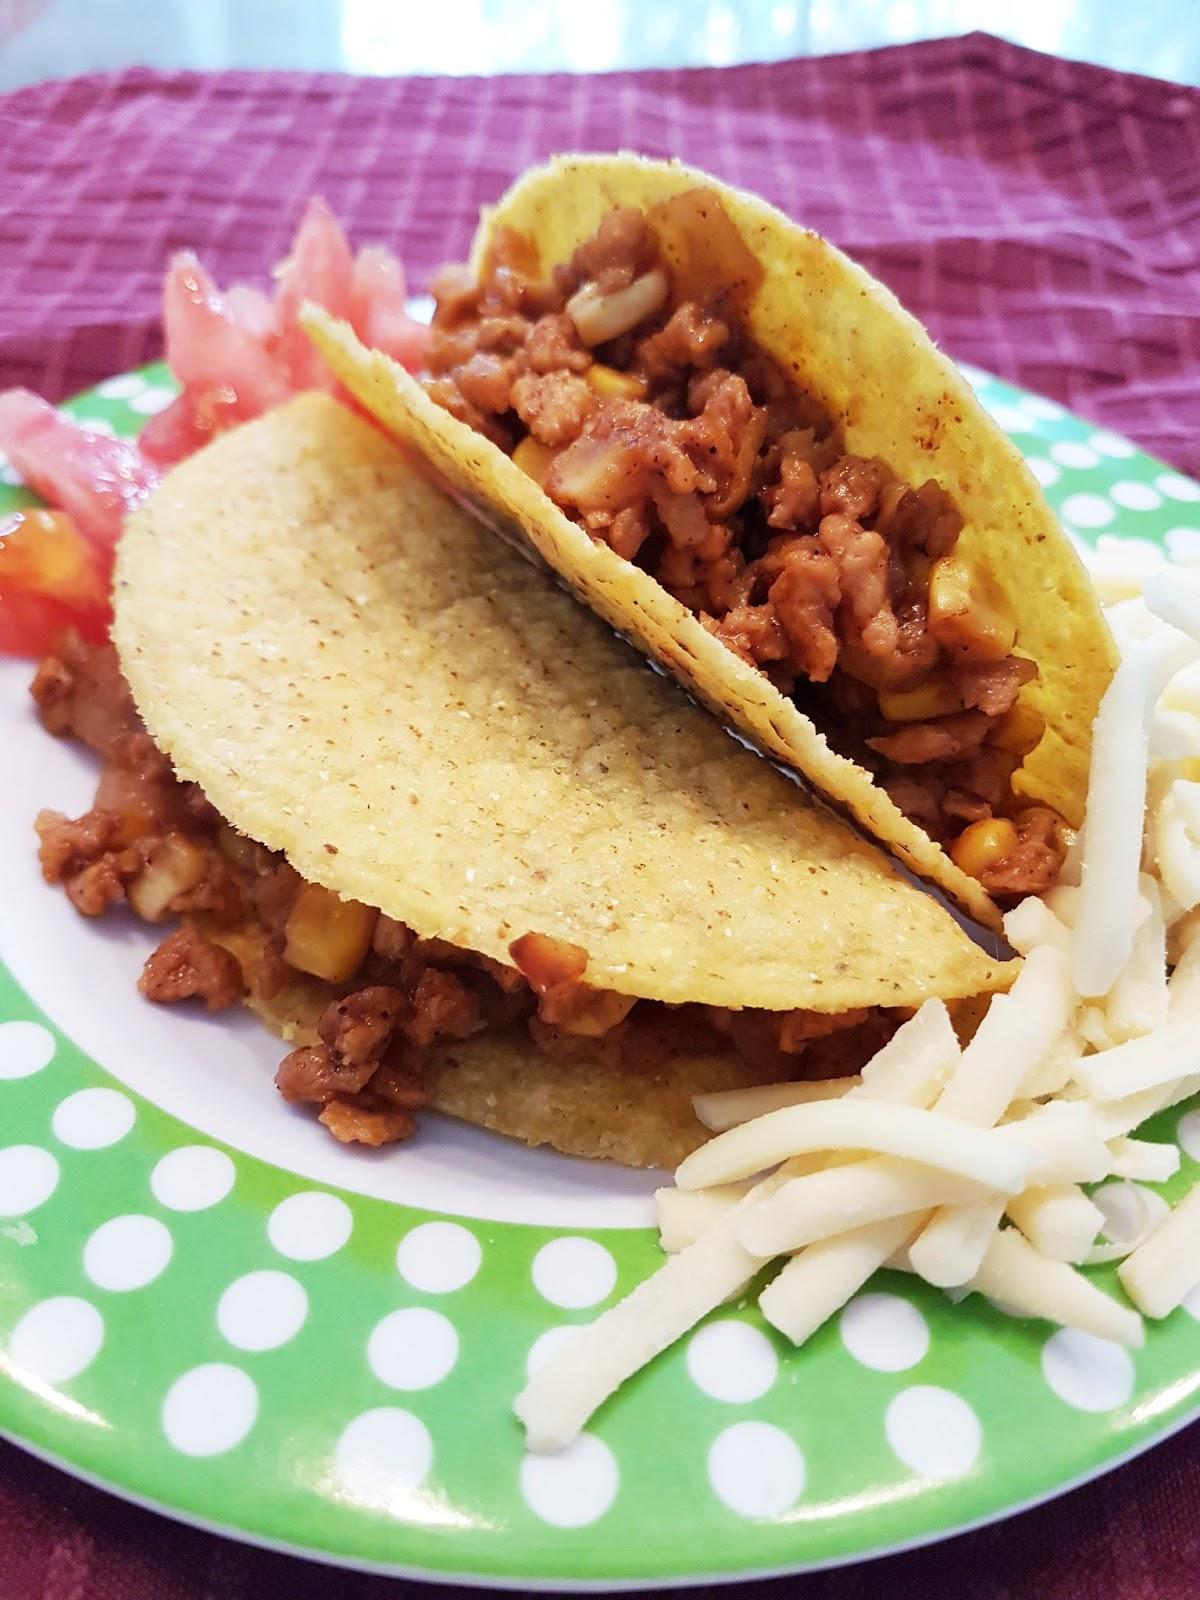 Lili popotte tacos de prot ine v g tale textur e pvt for Assaisonnement tacos maison